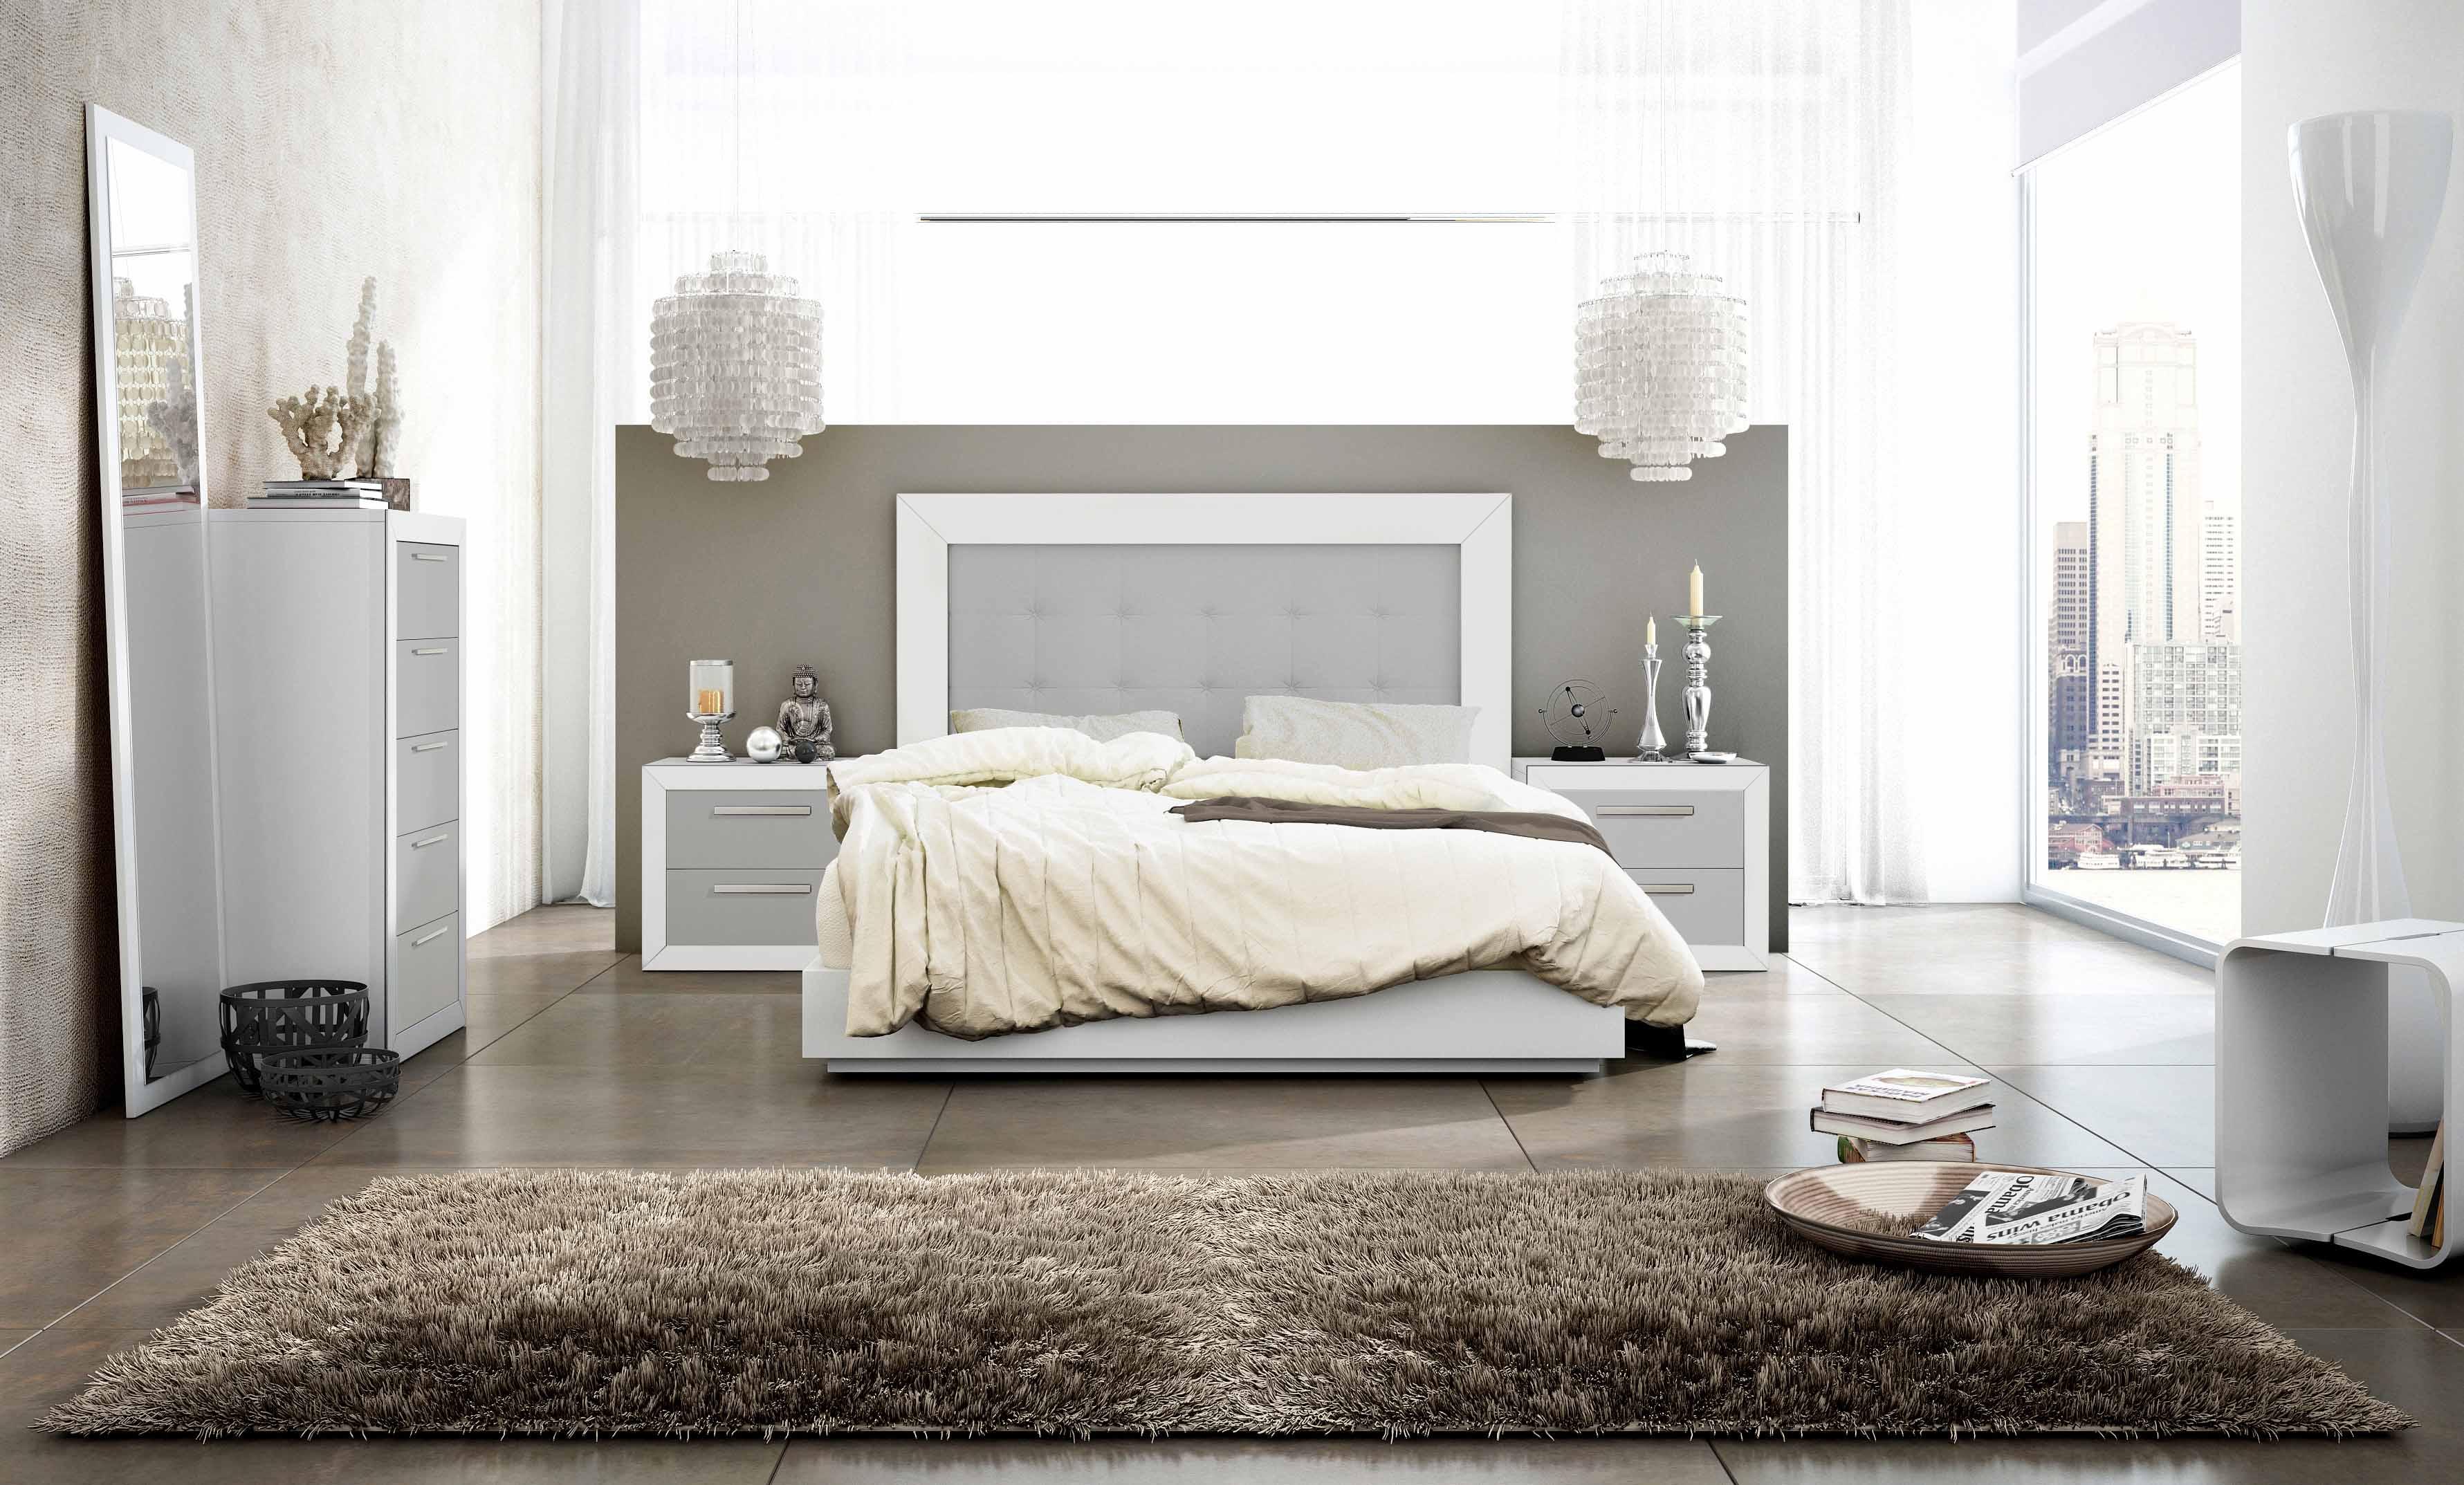 Dormitorios modernos en blanco y plata dise os for Dormitorio wengue y plata